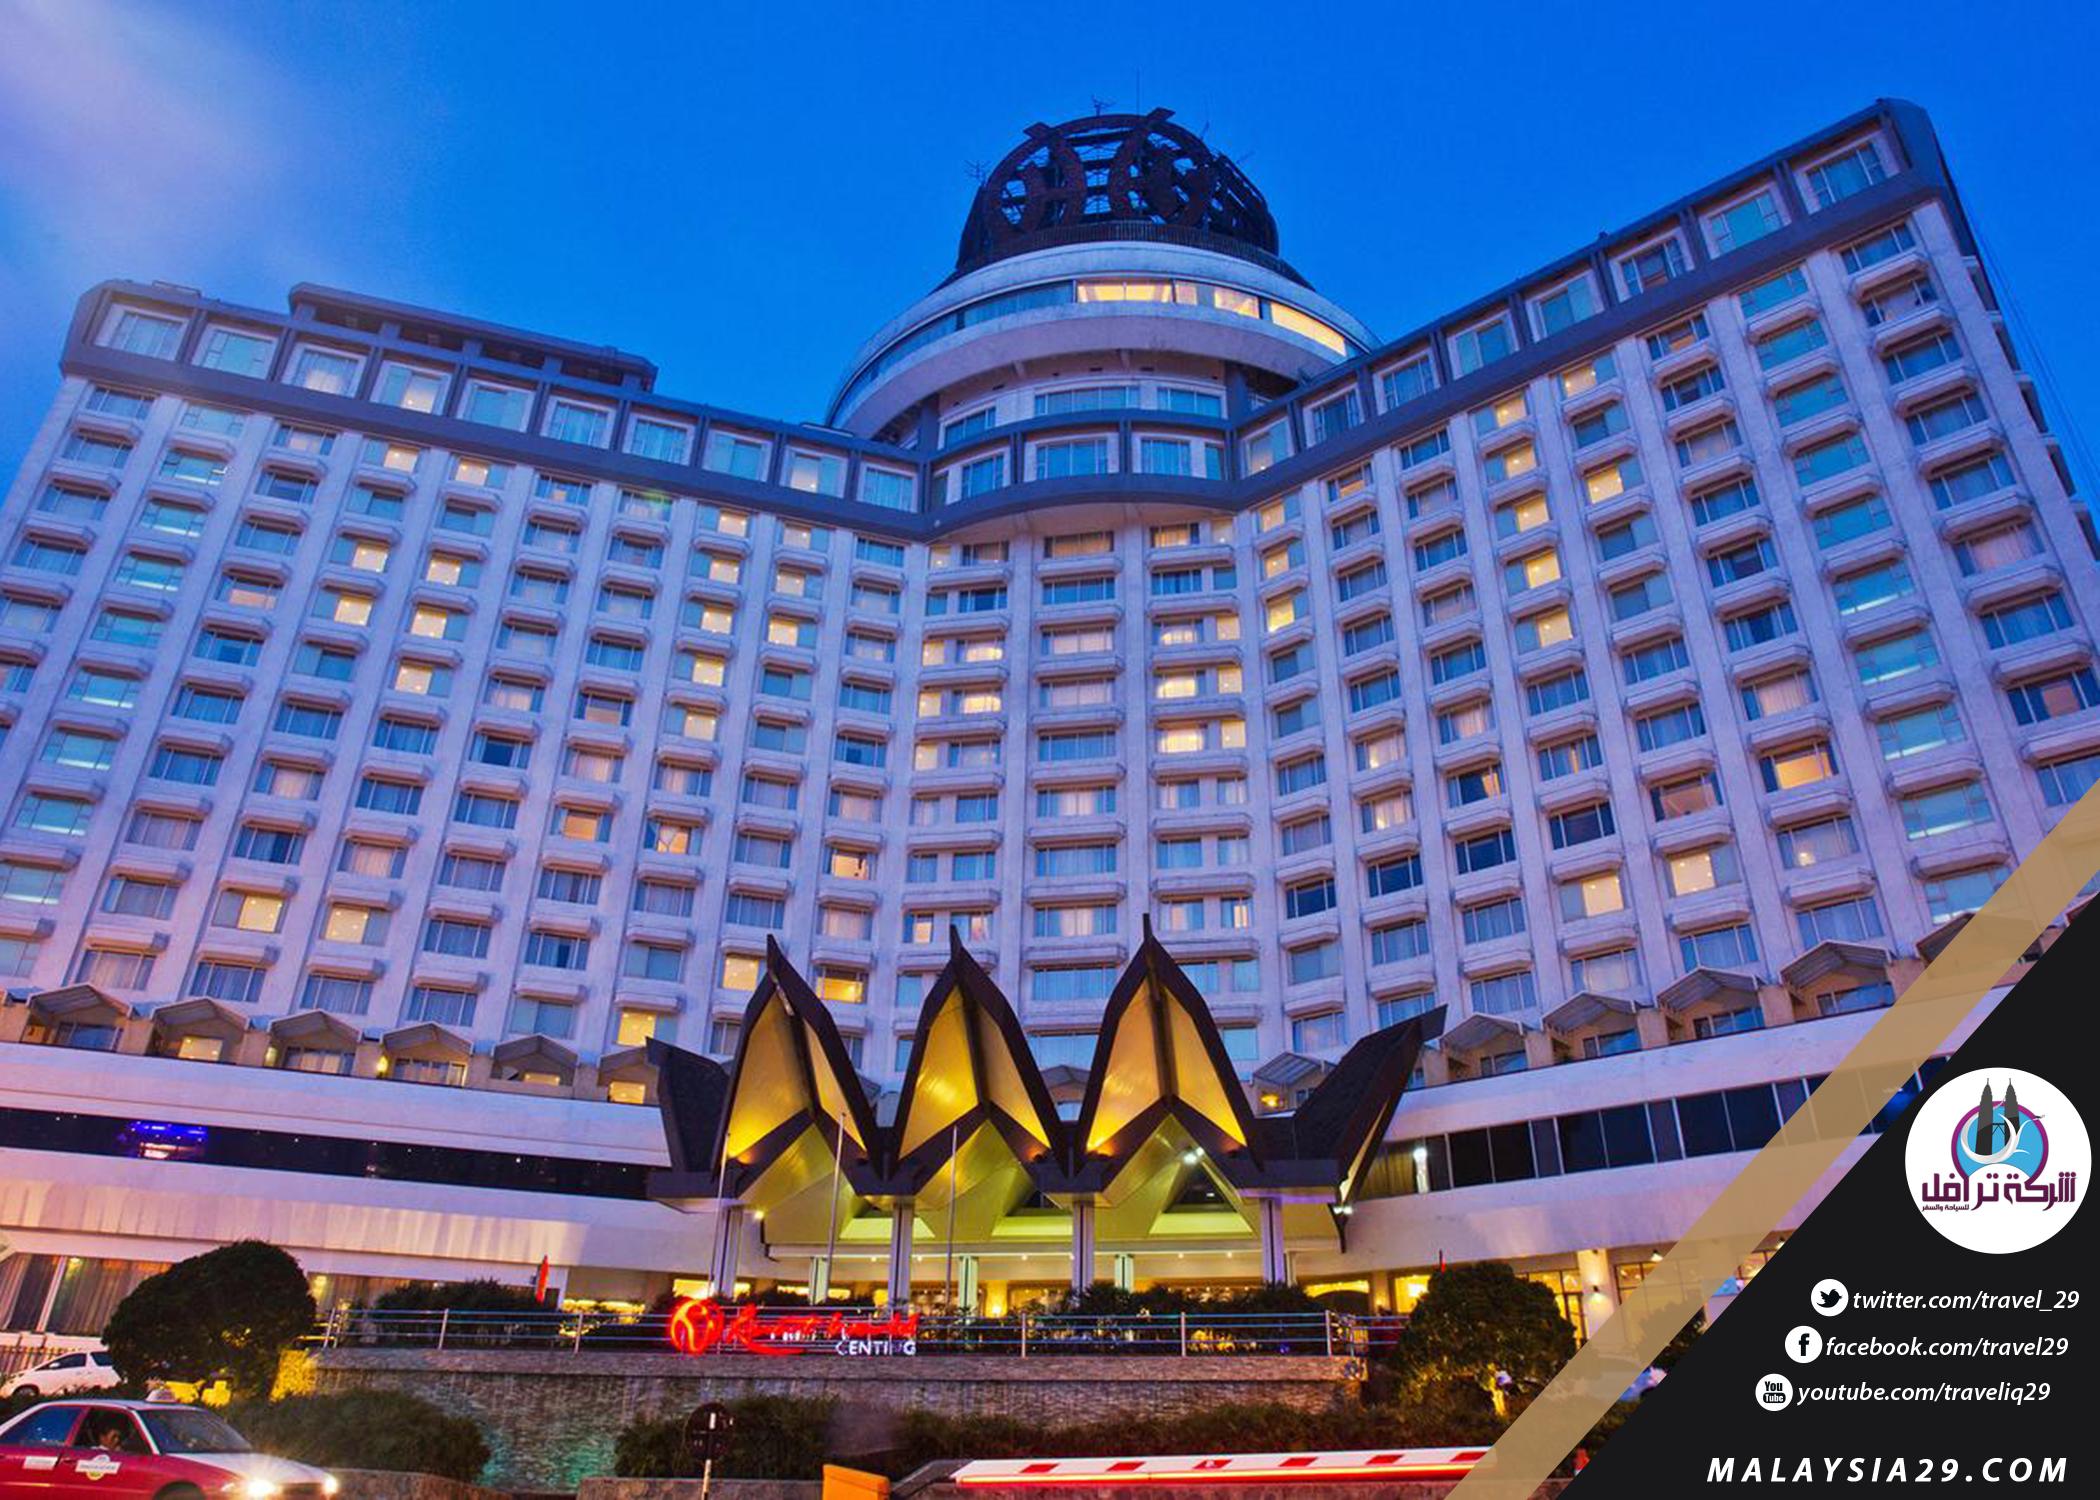 أفضل فنادق جنتنج هايلاند ماليزيا الموصى بها | افضل فنادق جنتنج فى ماليزيا